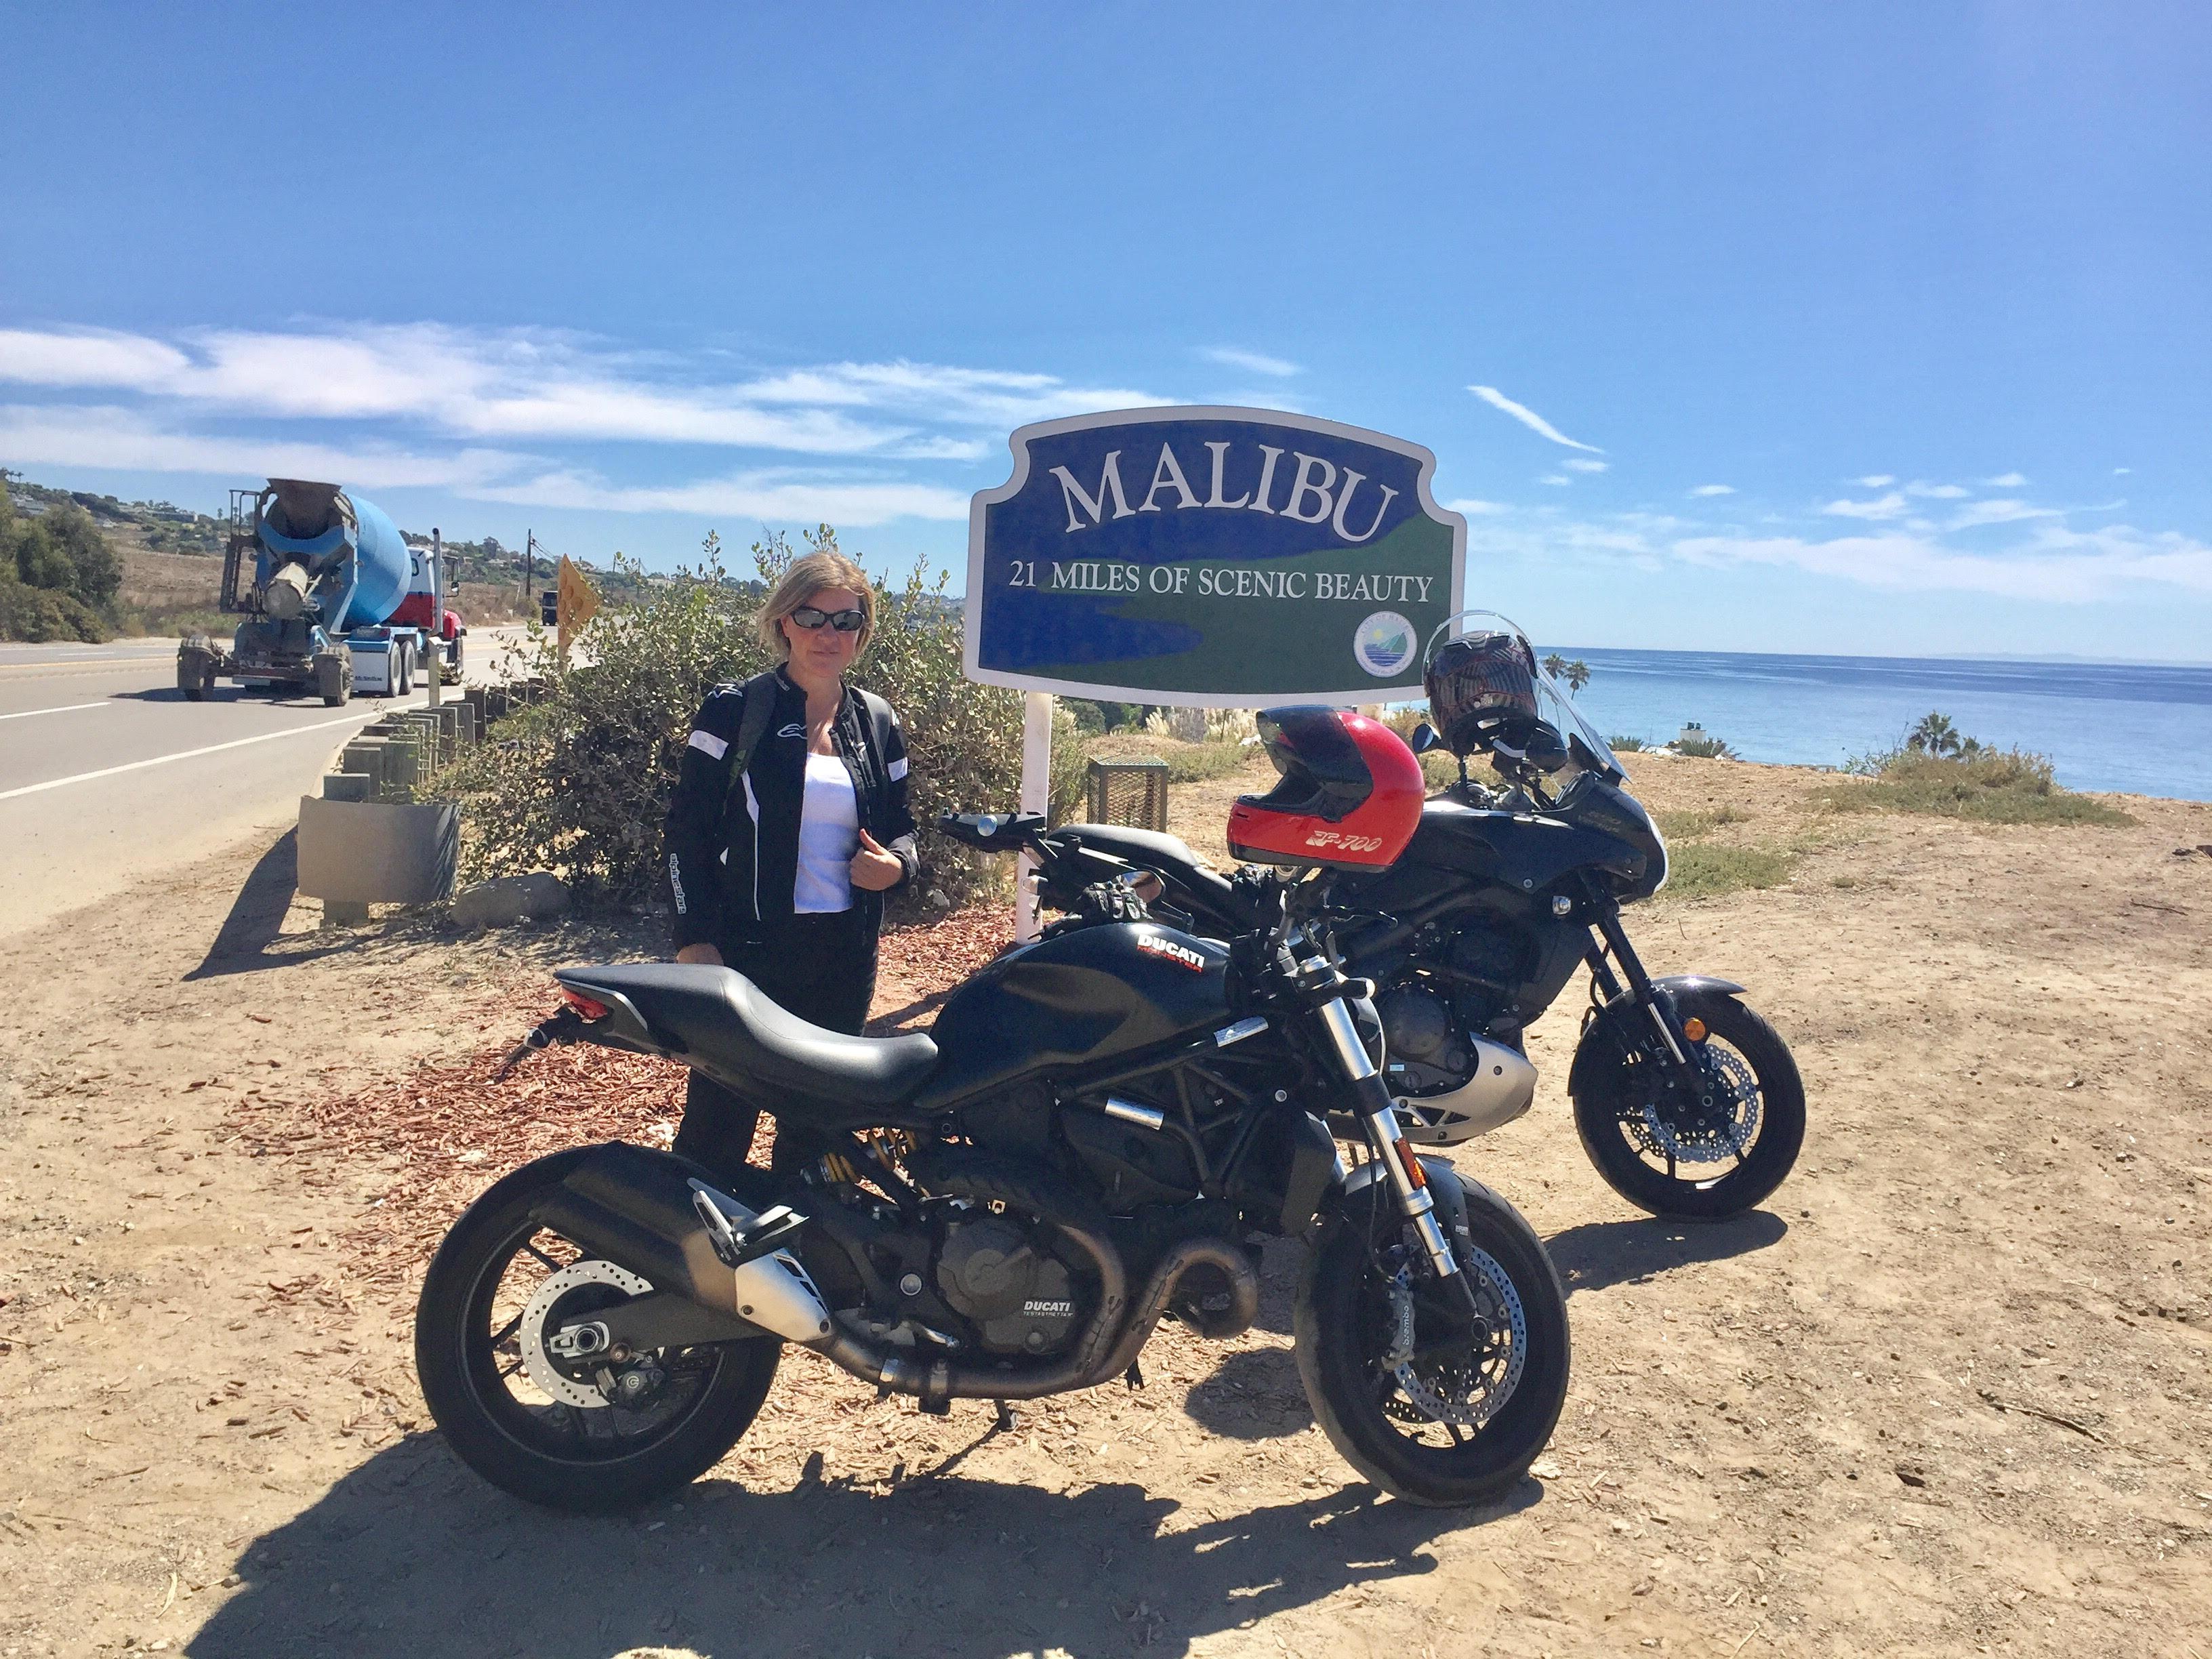 Malibu_sign